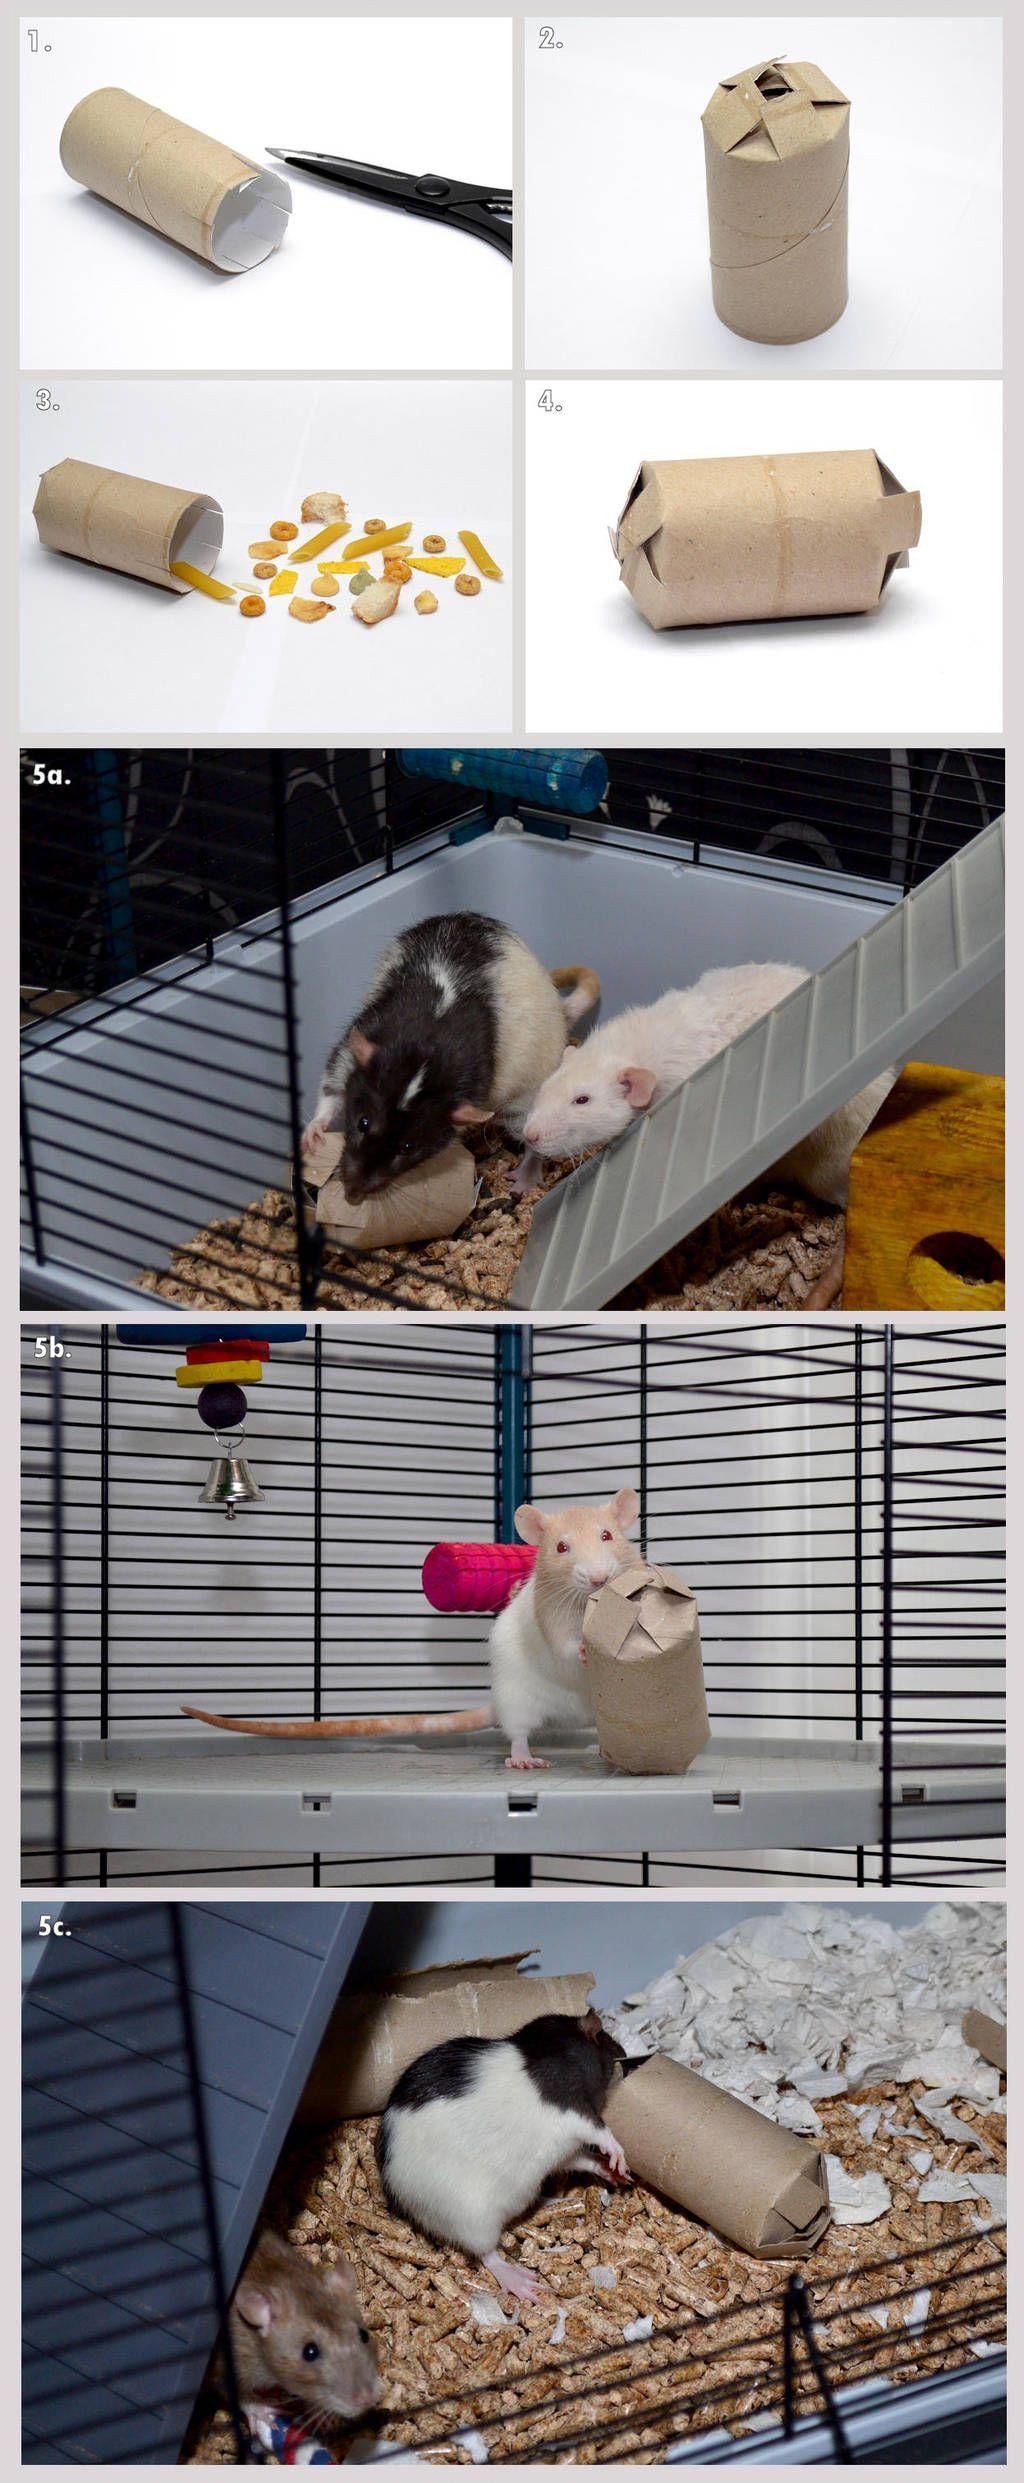 Making A Treat Box Toy By Ladytara In 2020 Diy Rat Toys Rat Toys Pet Toys